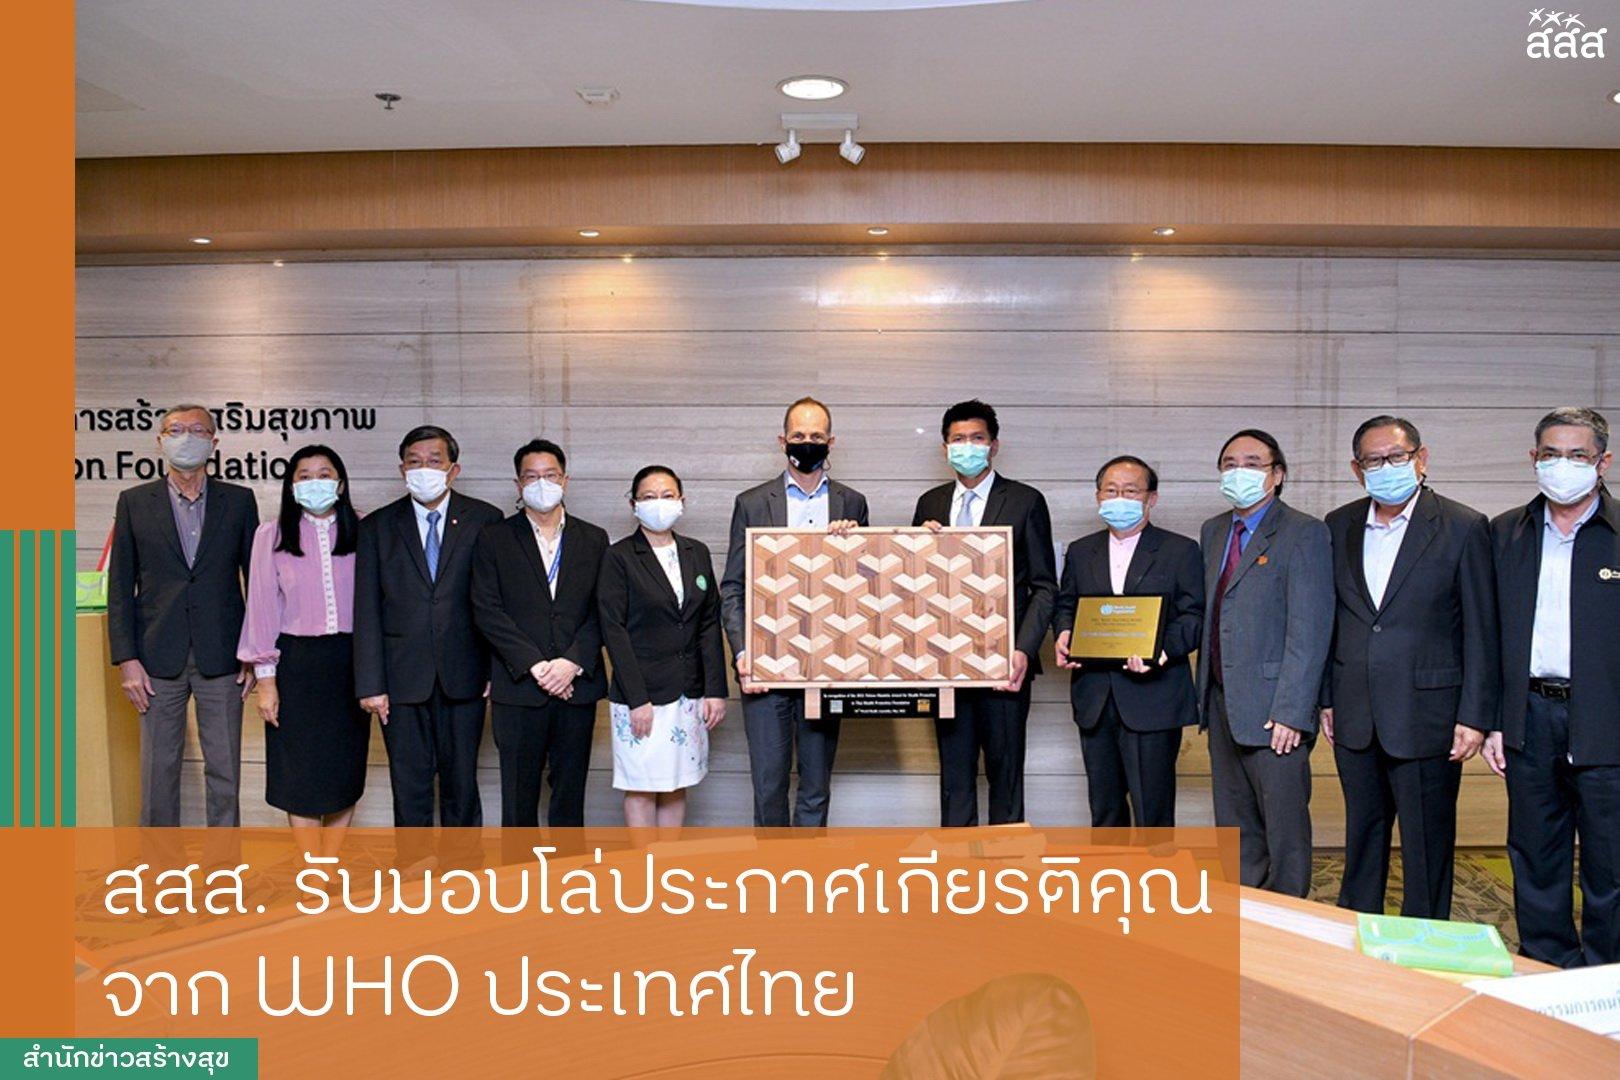 สสส. รับมอบโล่ประกาศเกียรติคุณ จาก WHO ประเทศไทย thaihealth